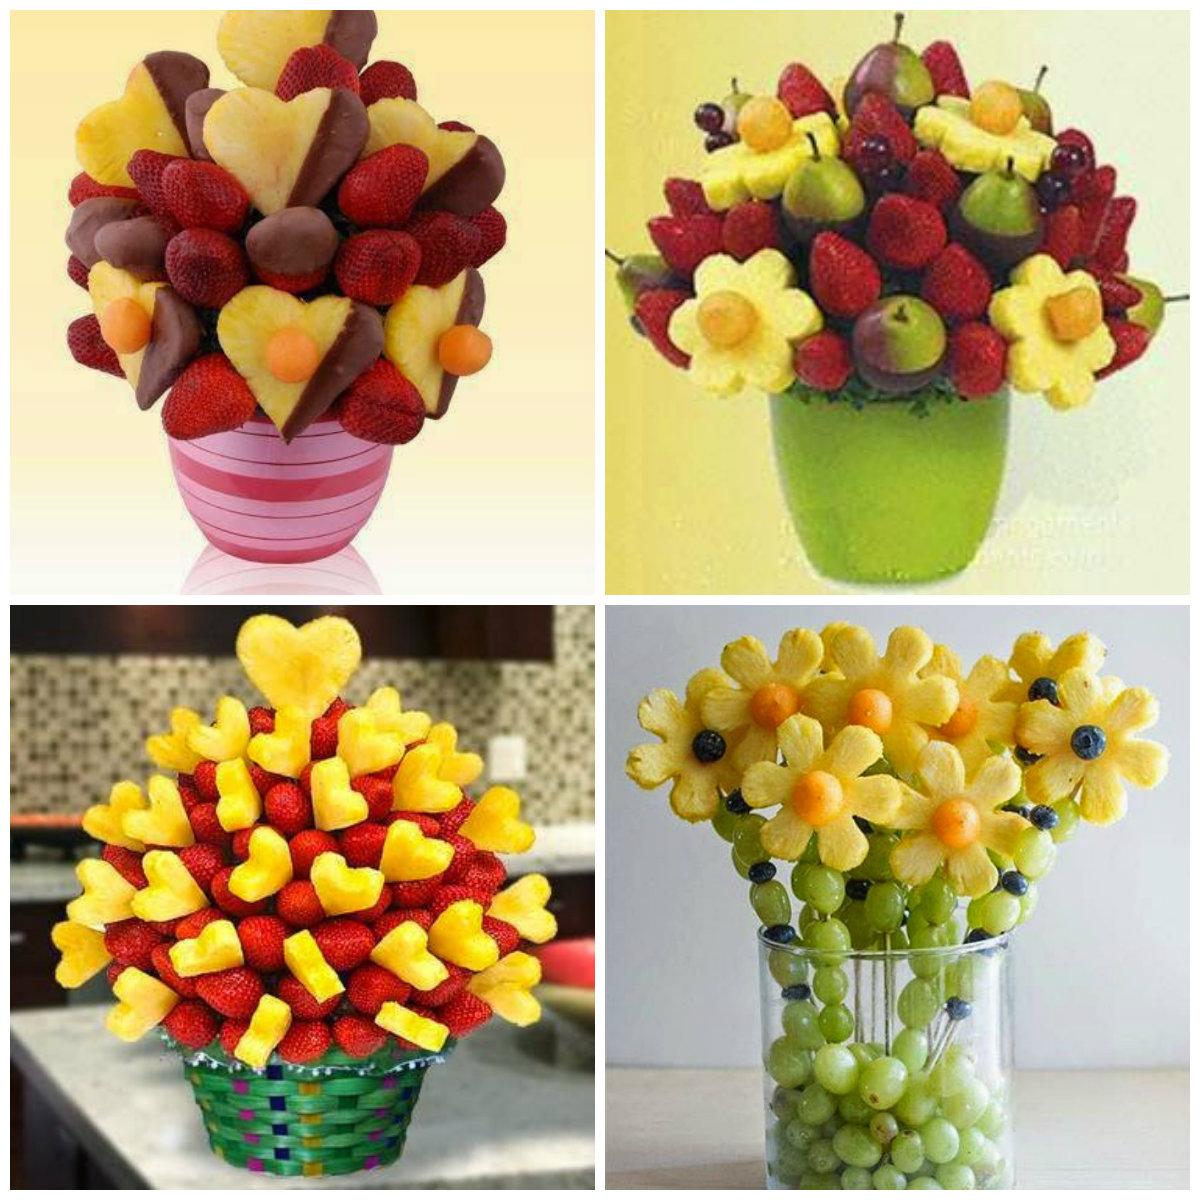 15 Idéias de arranjos de frutas para decoraç u00e3o da mesa de natal Blog Casa e Decoraç u00e3o